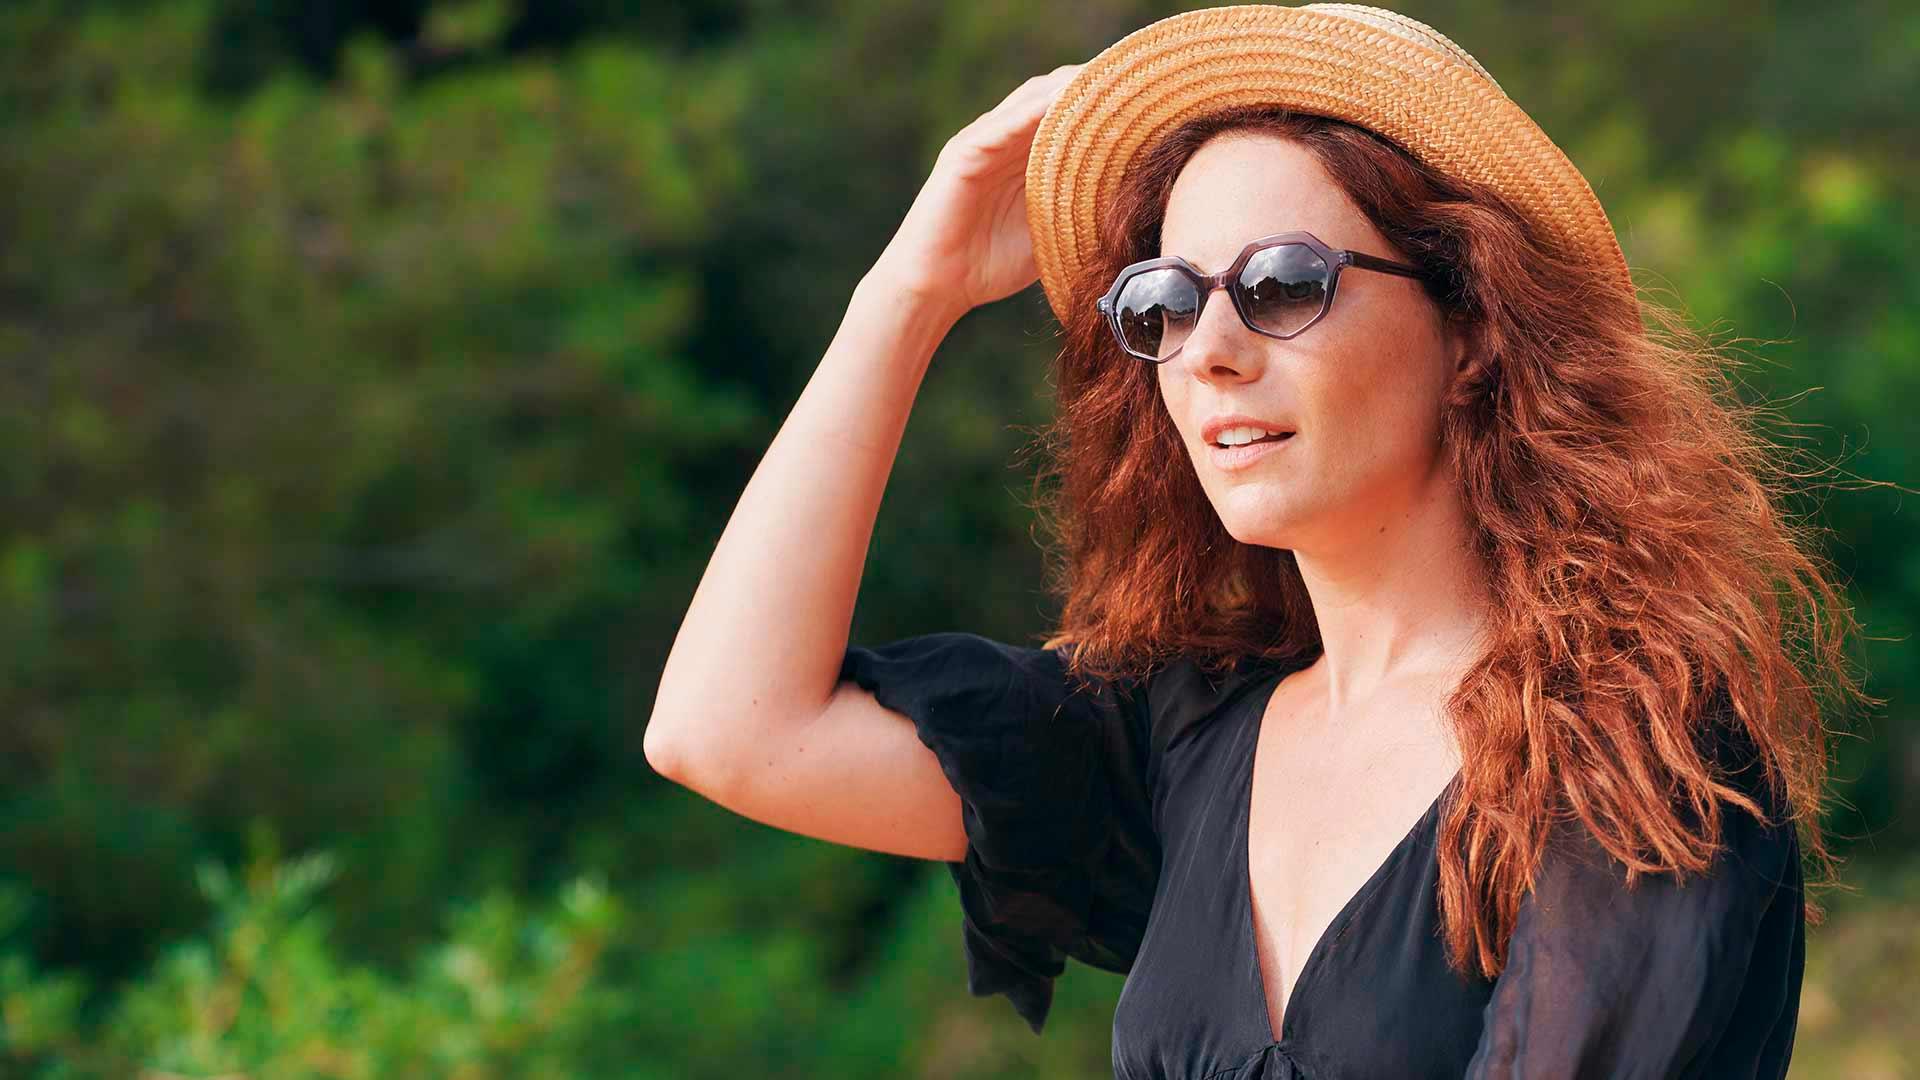 Gafa de sol para mujer Proud eyewear